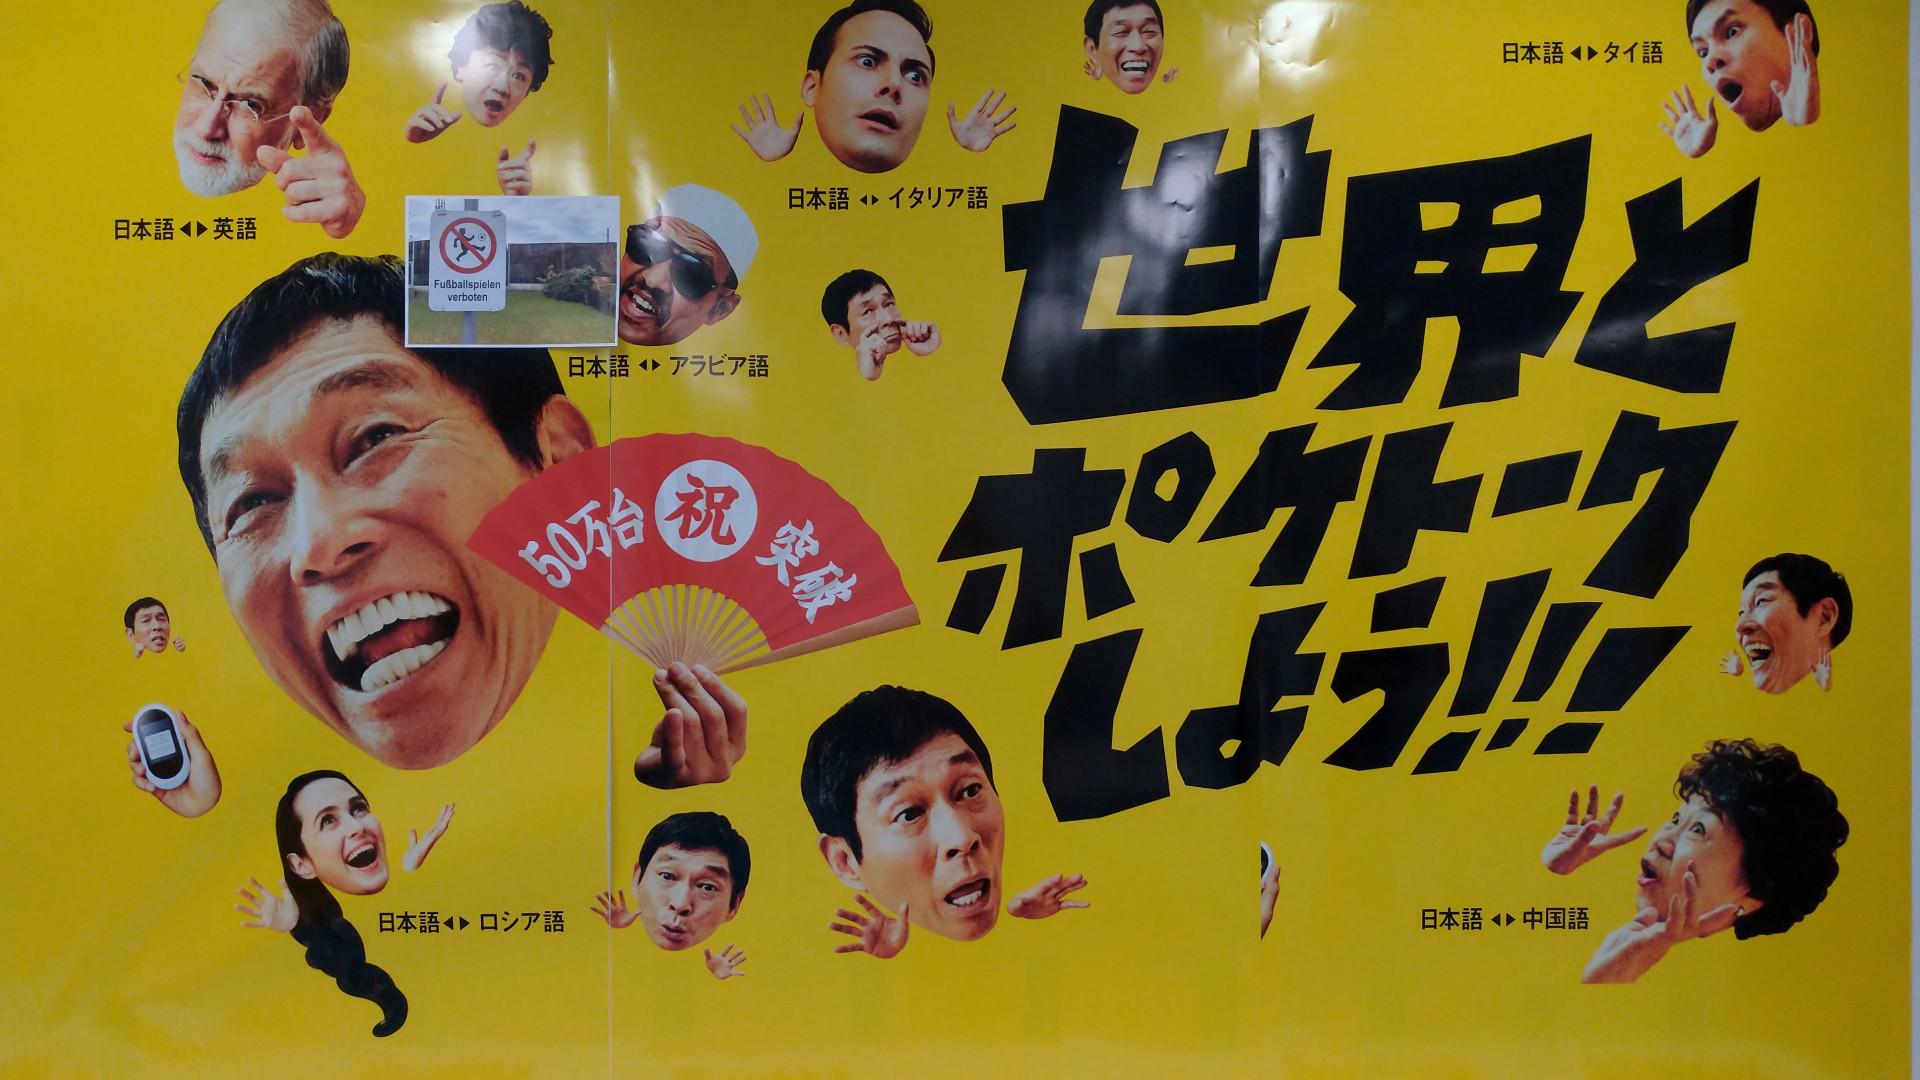 明石家さんまさん出演のポケトーク広告